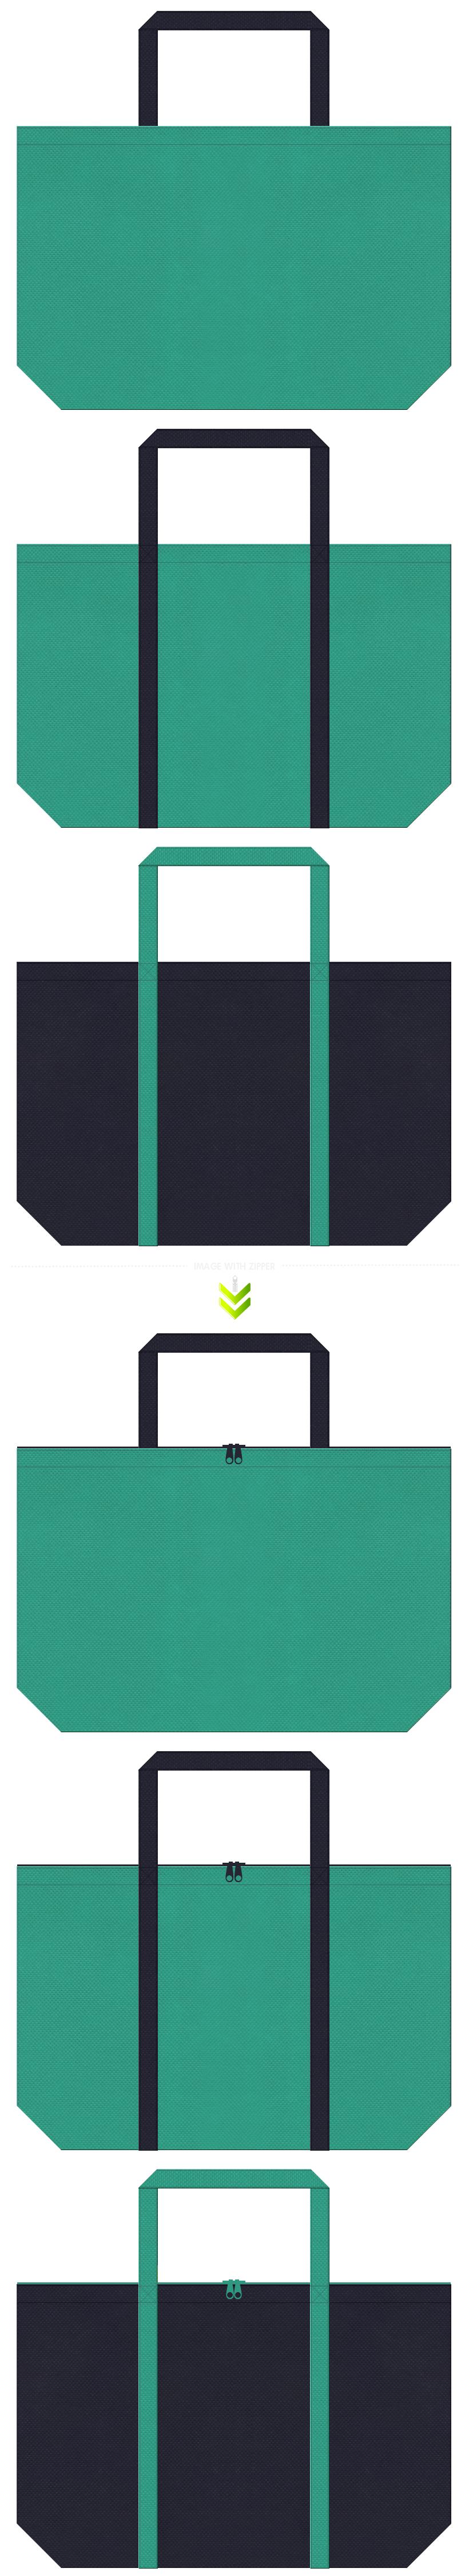 青緑色と濃紺色の不織布エコバッグのデザイン。ランドリーバッグにお奨めです。